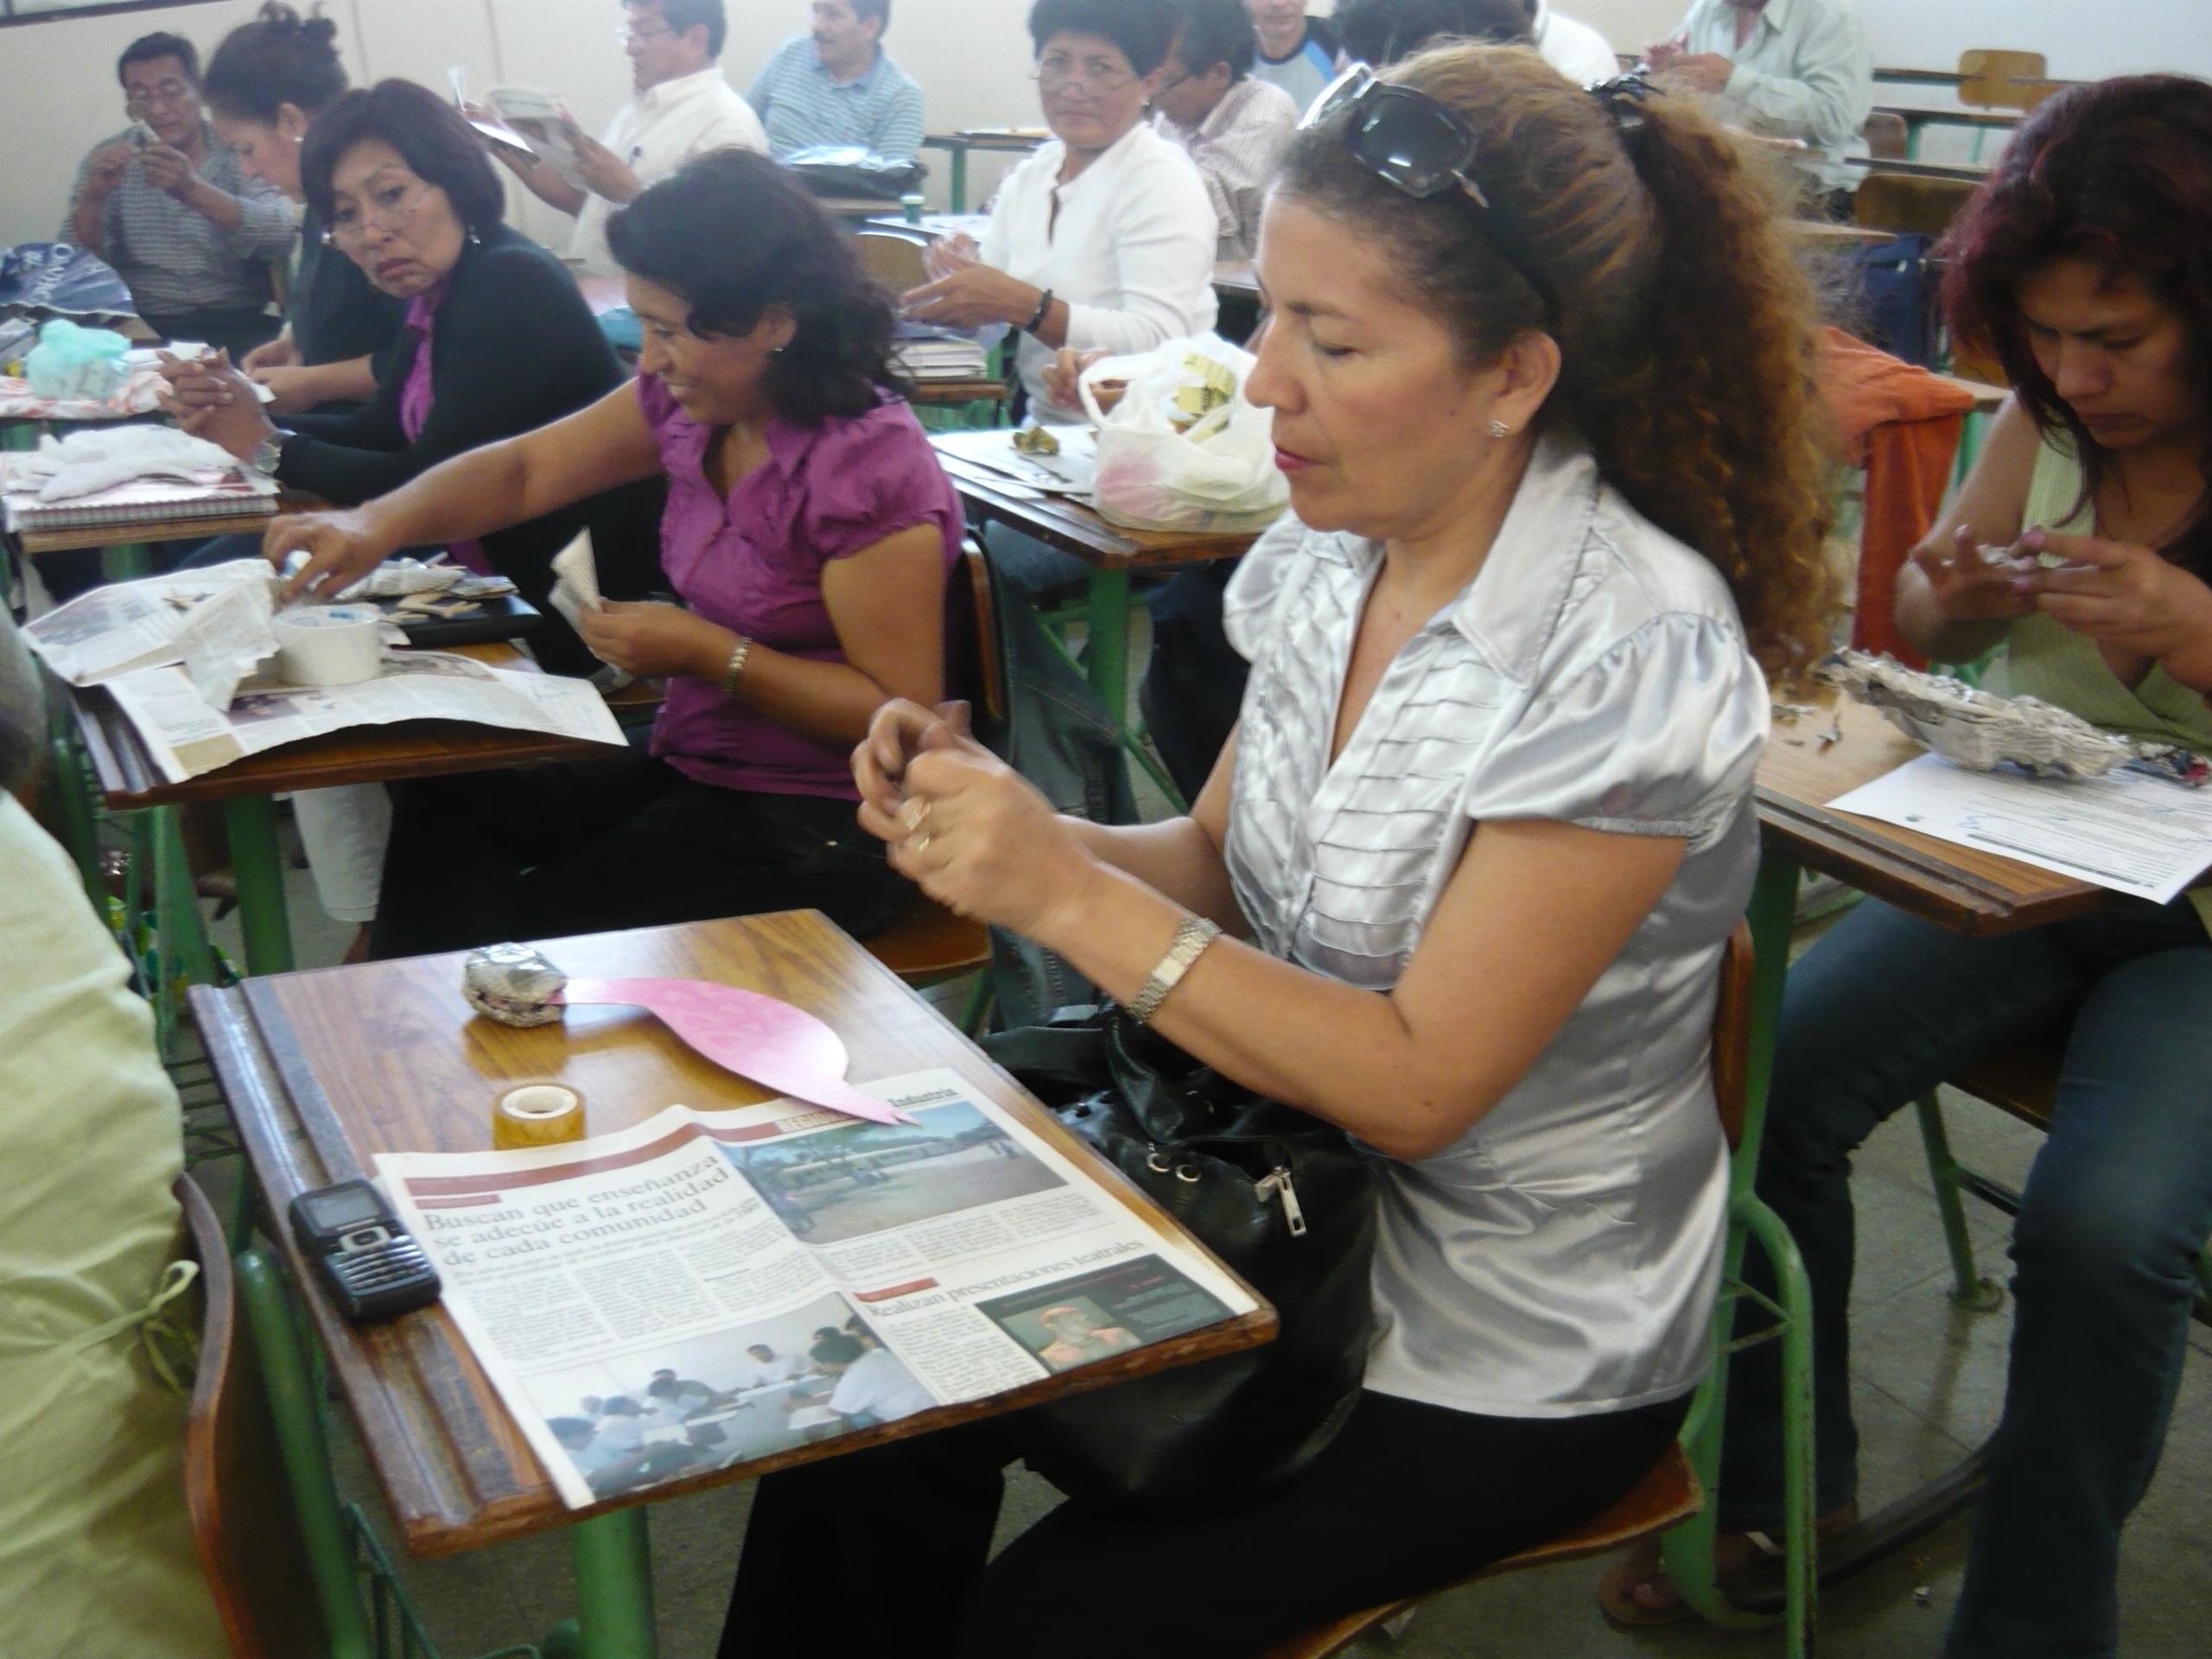 Docente Reli Córdova y un grupo de profesores lambayecanos del programa de capacitación PRONAFCAP, durante su capacitación con la técnica del papel mache.